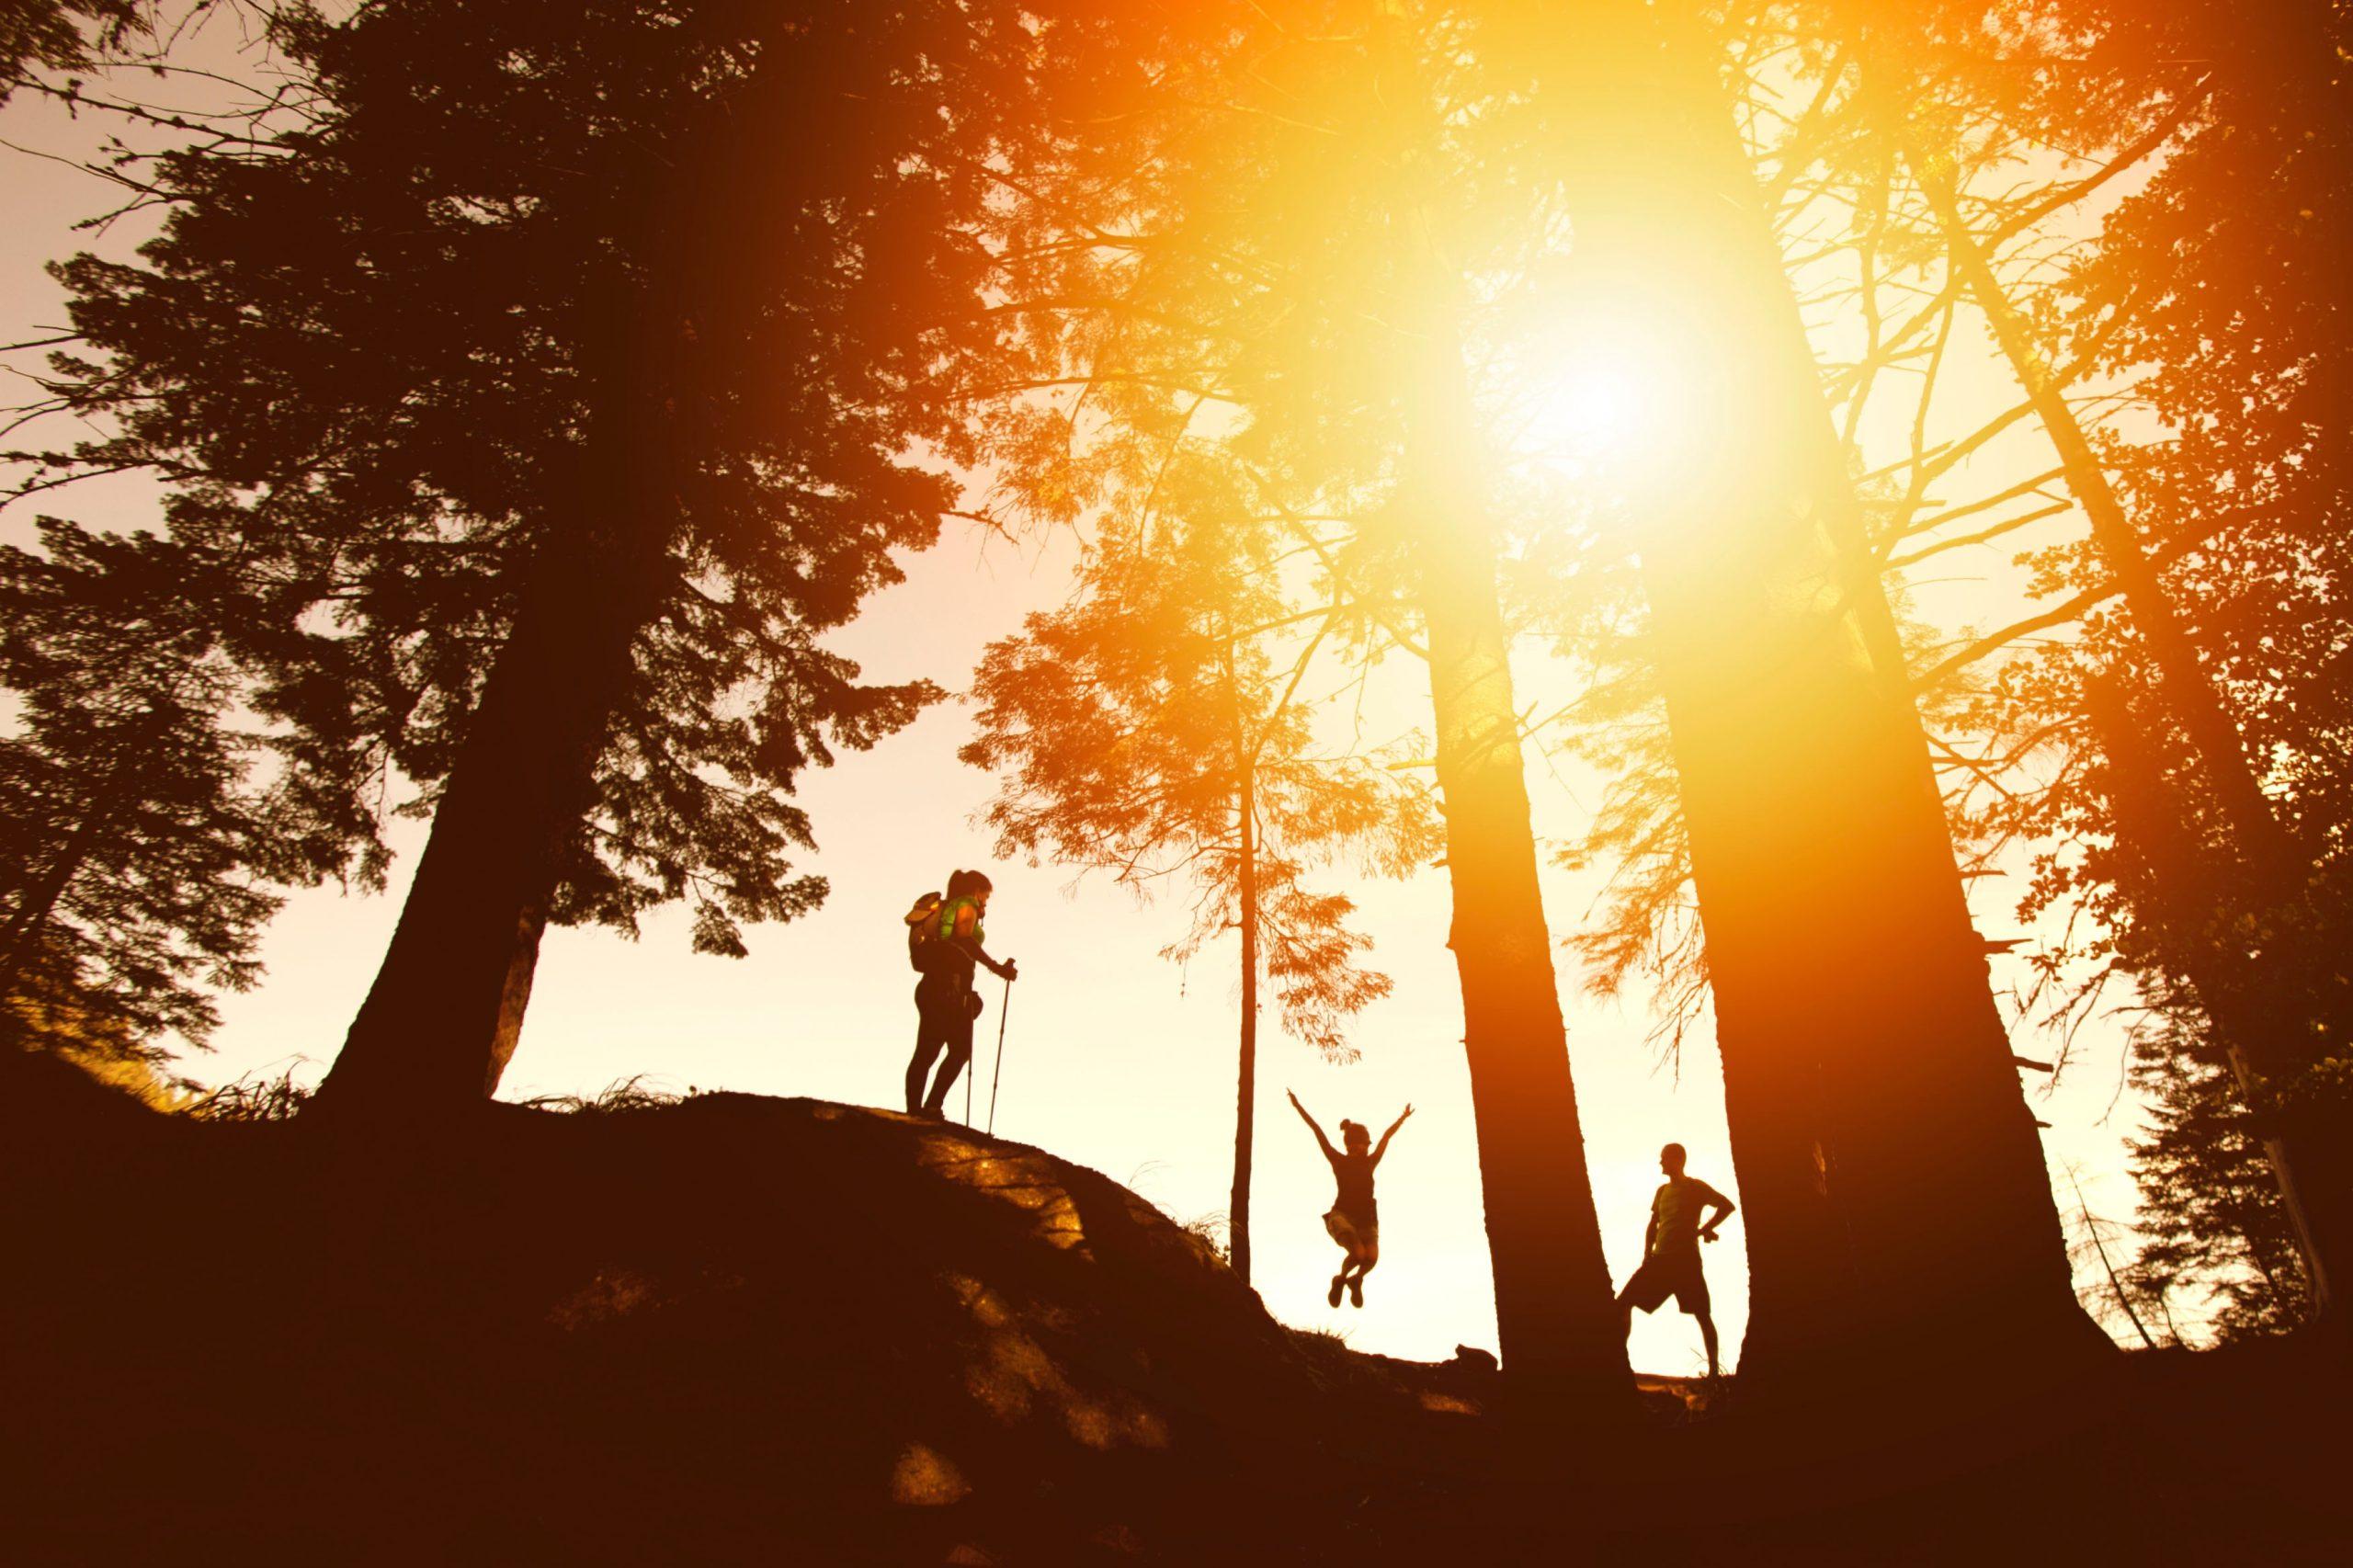 Silohuette of Three People Hiking